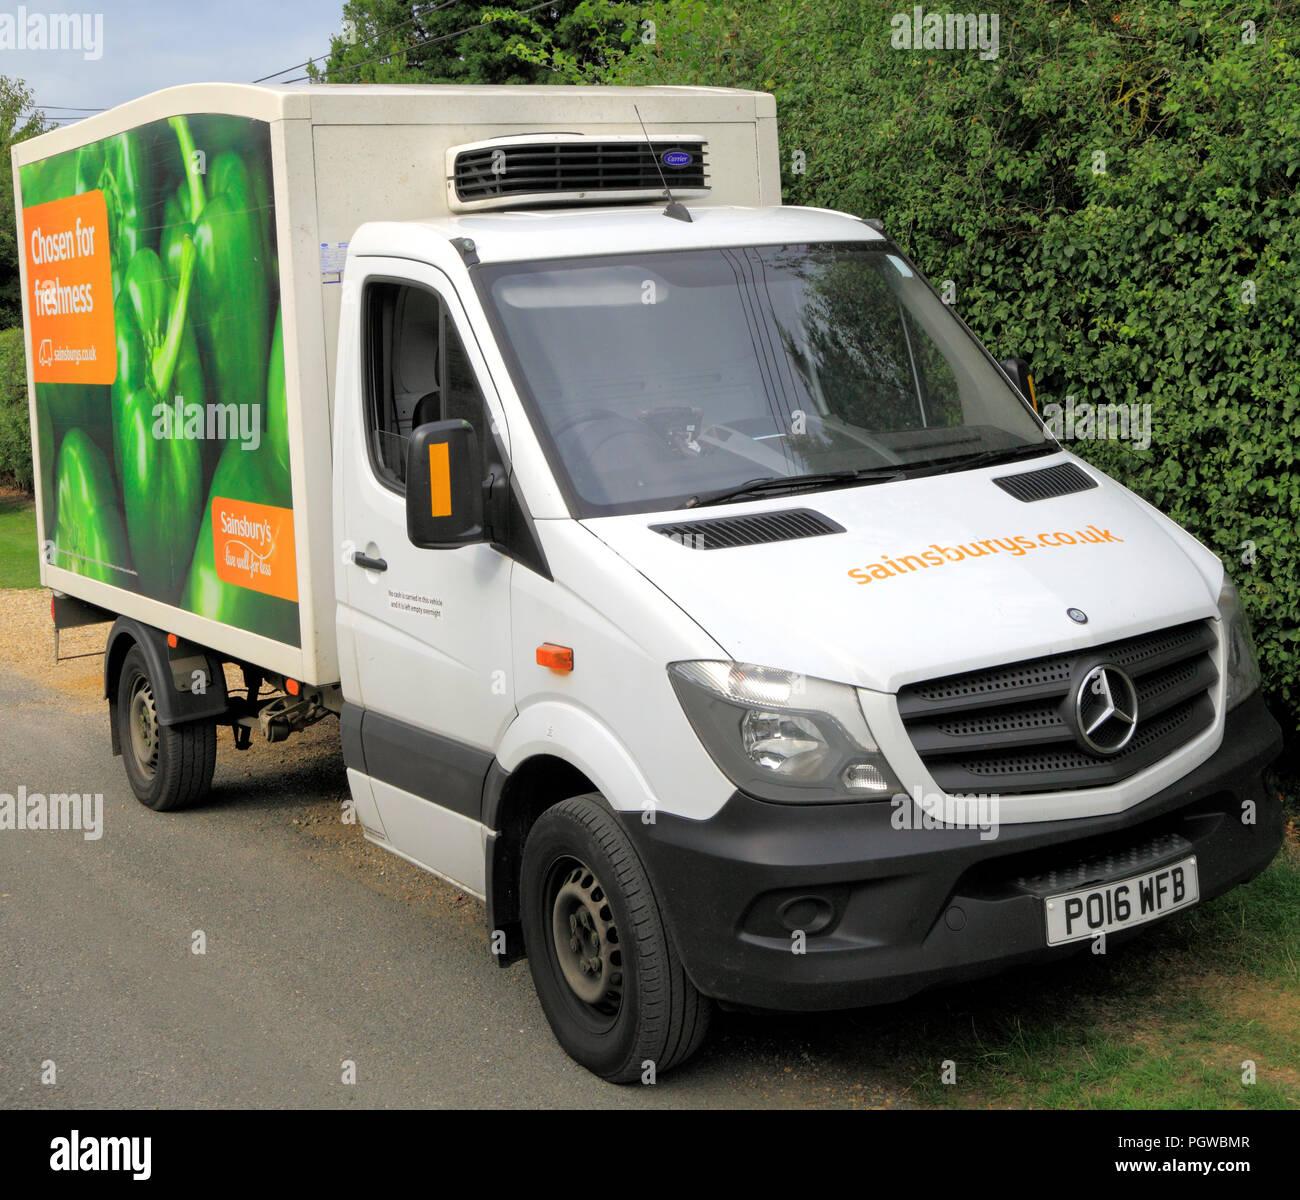 Supermarché Sainsbury's, la diffusion en ligne, véhicule, van, England, UK, Sainsburys Photo Stock